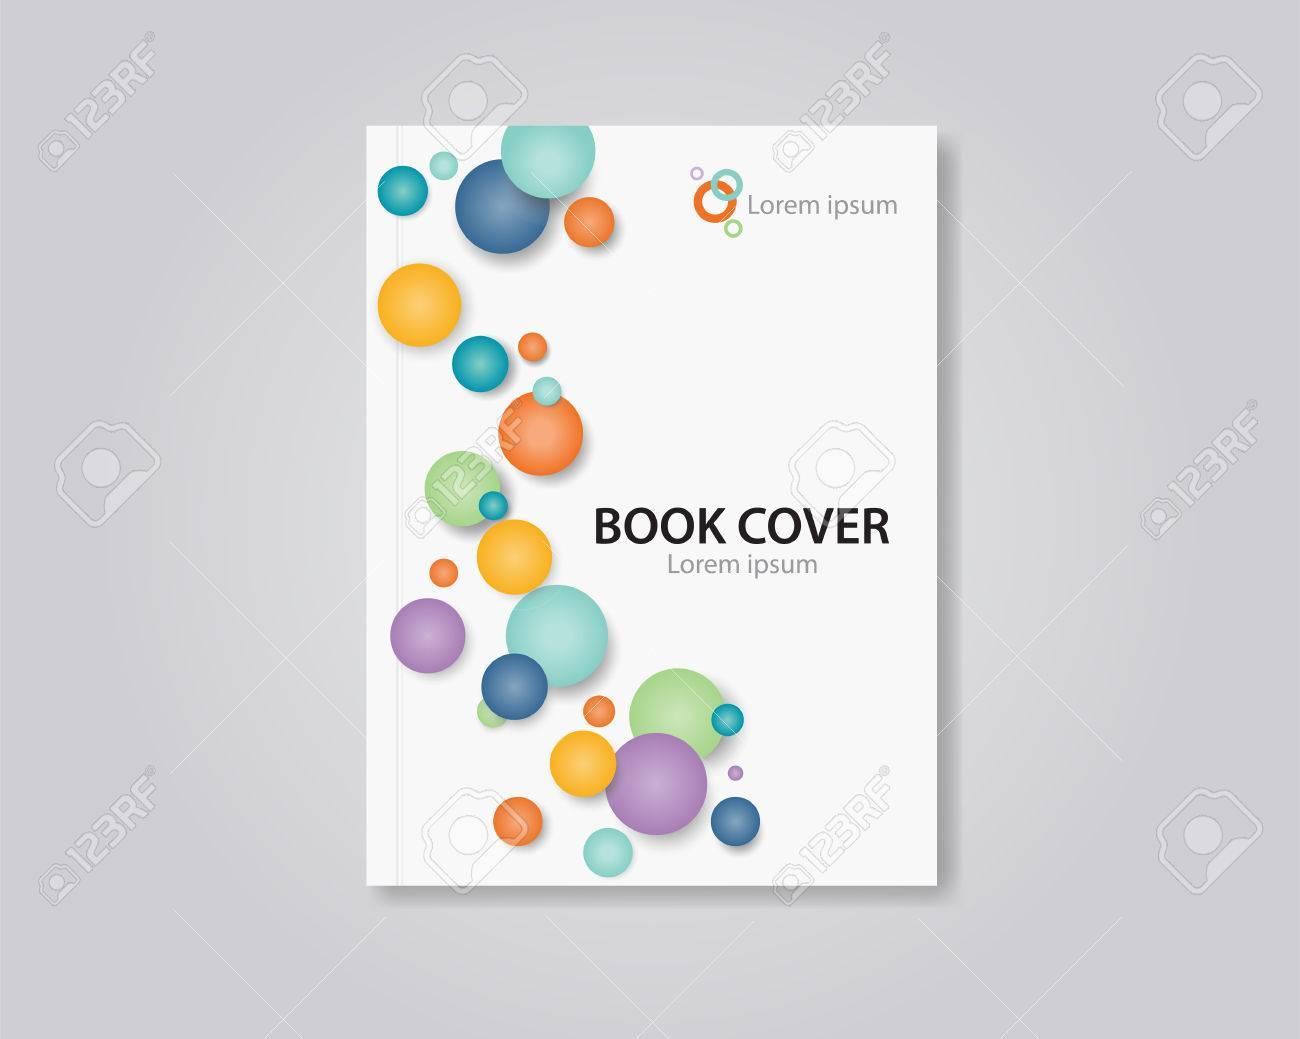 Ziemlich Buchcover Vorlage Illustrator Ideen - Beispiel Anschreiben ...